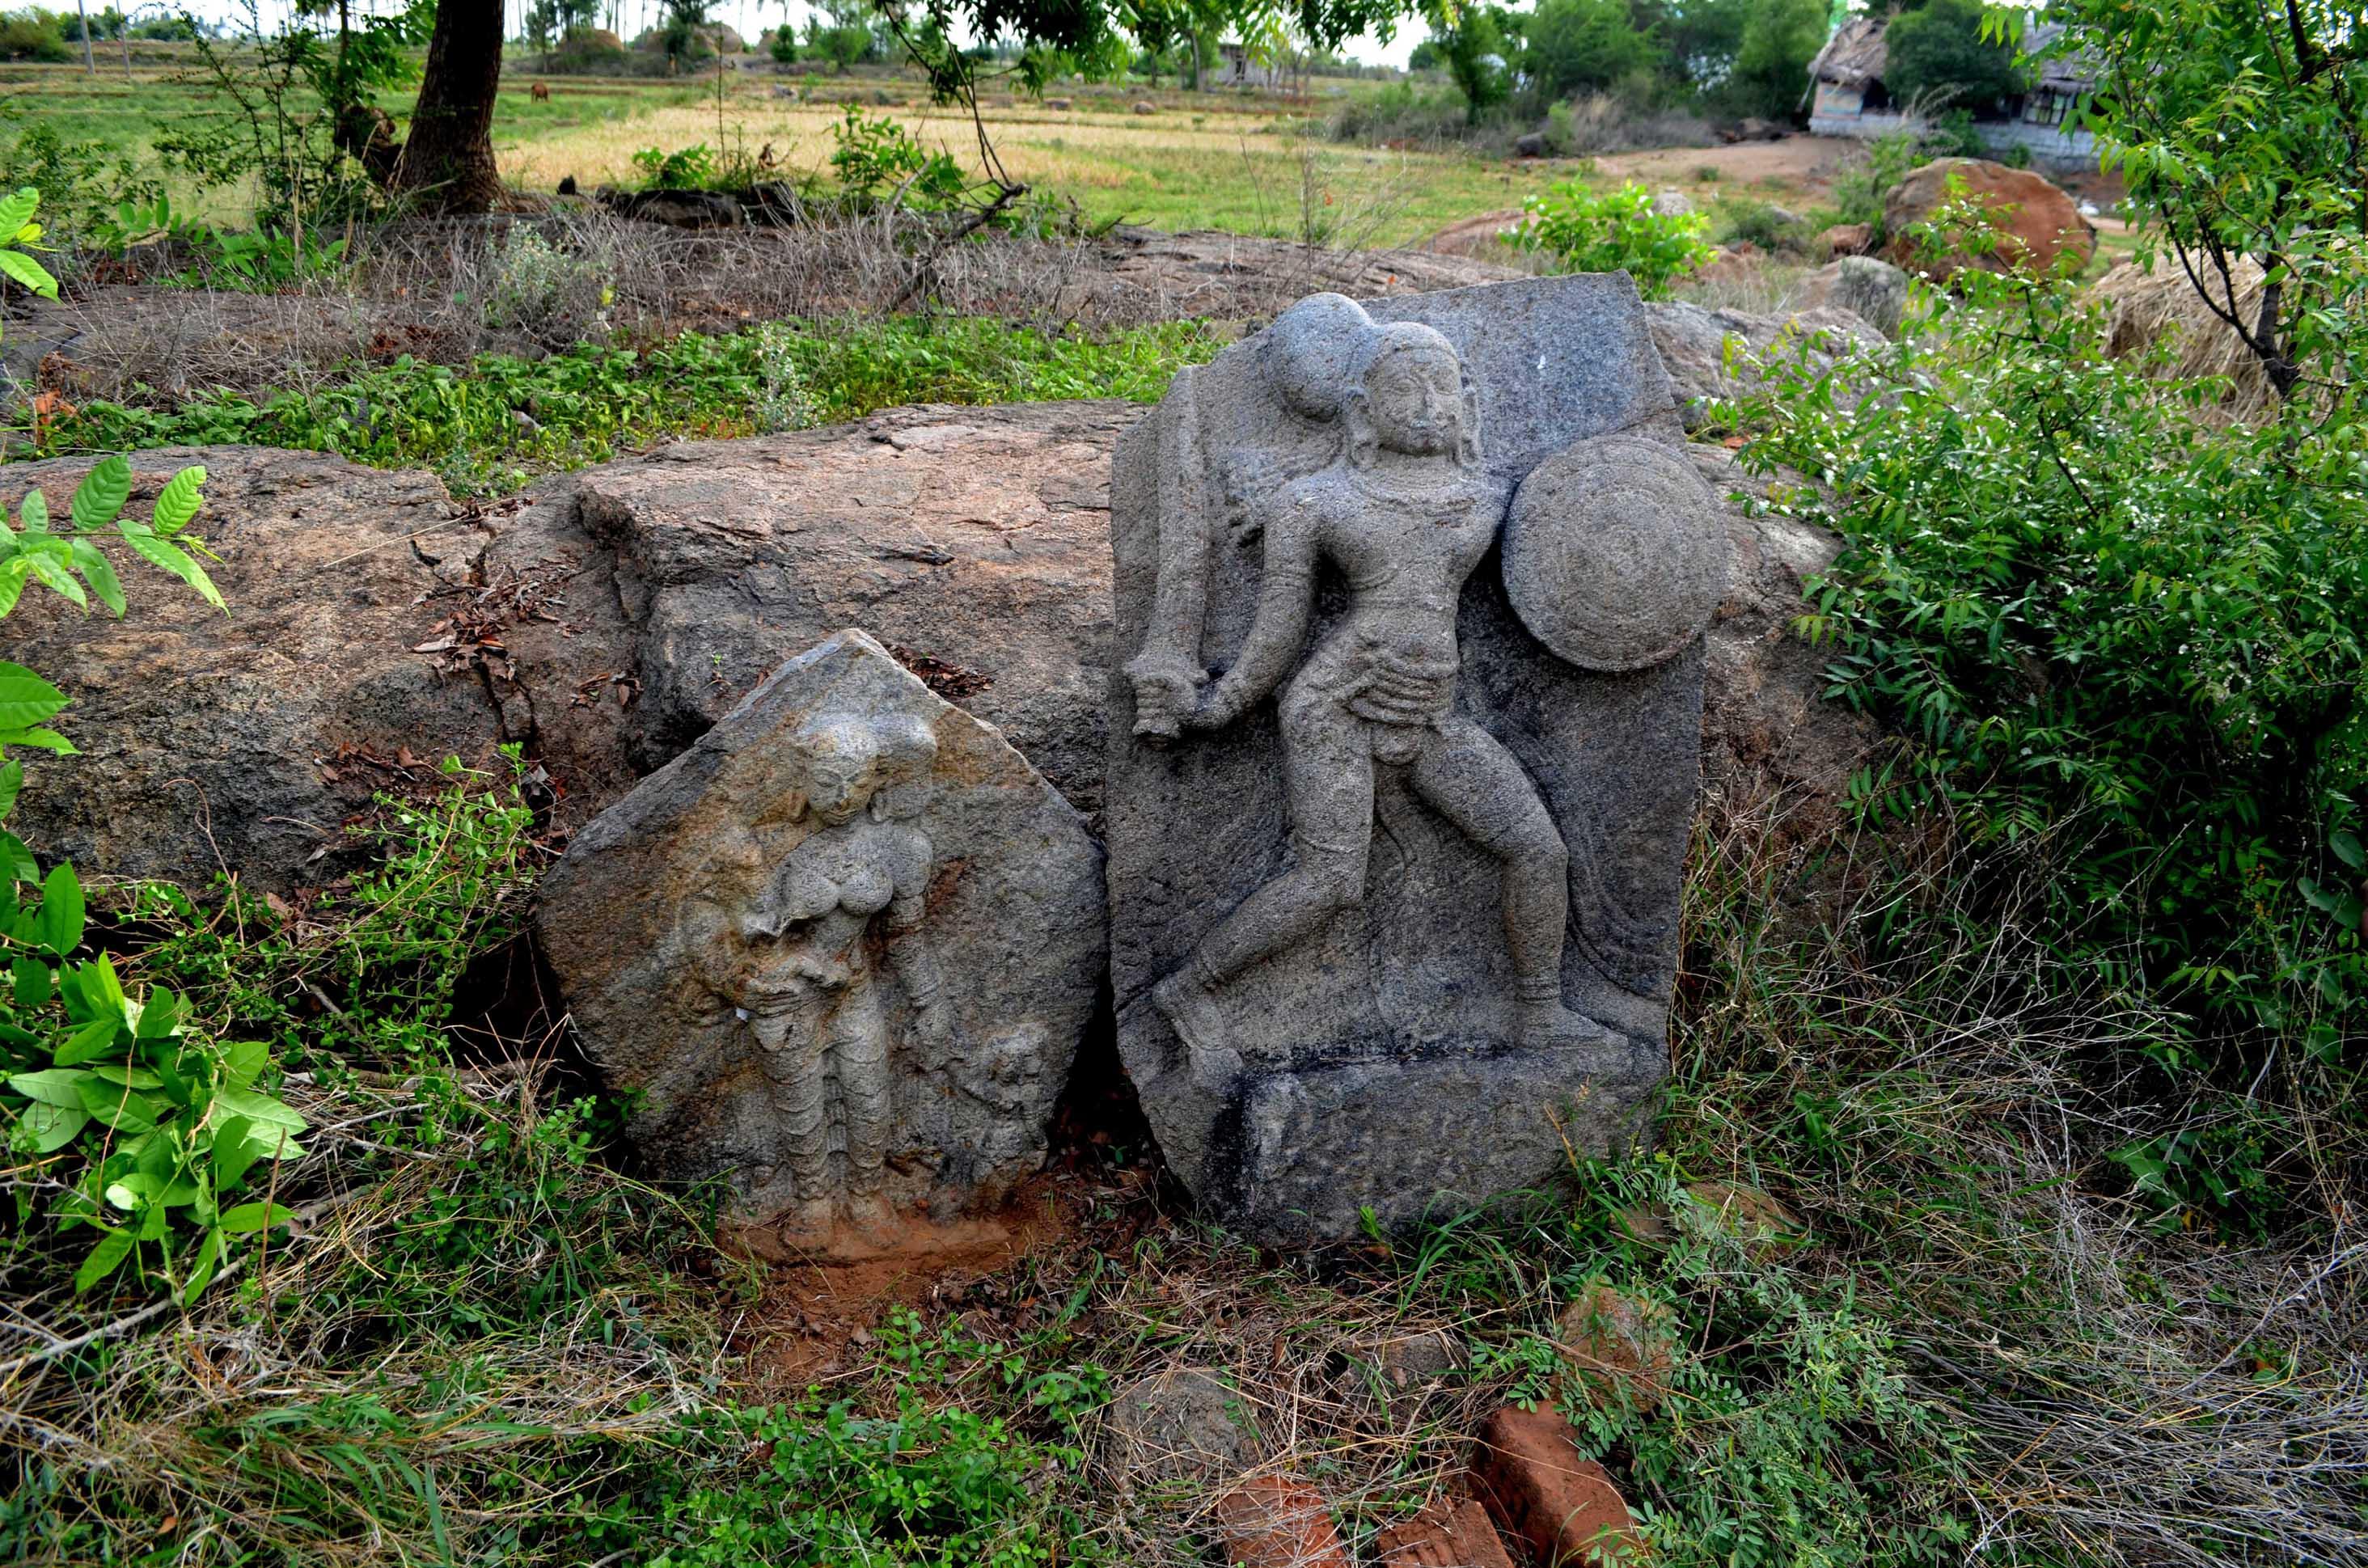 இராமச்சந்திர பெருமாள் திருக்கோயில்